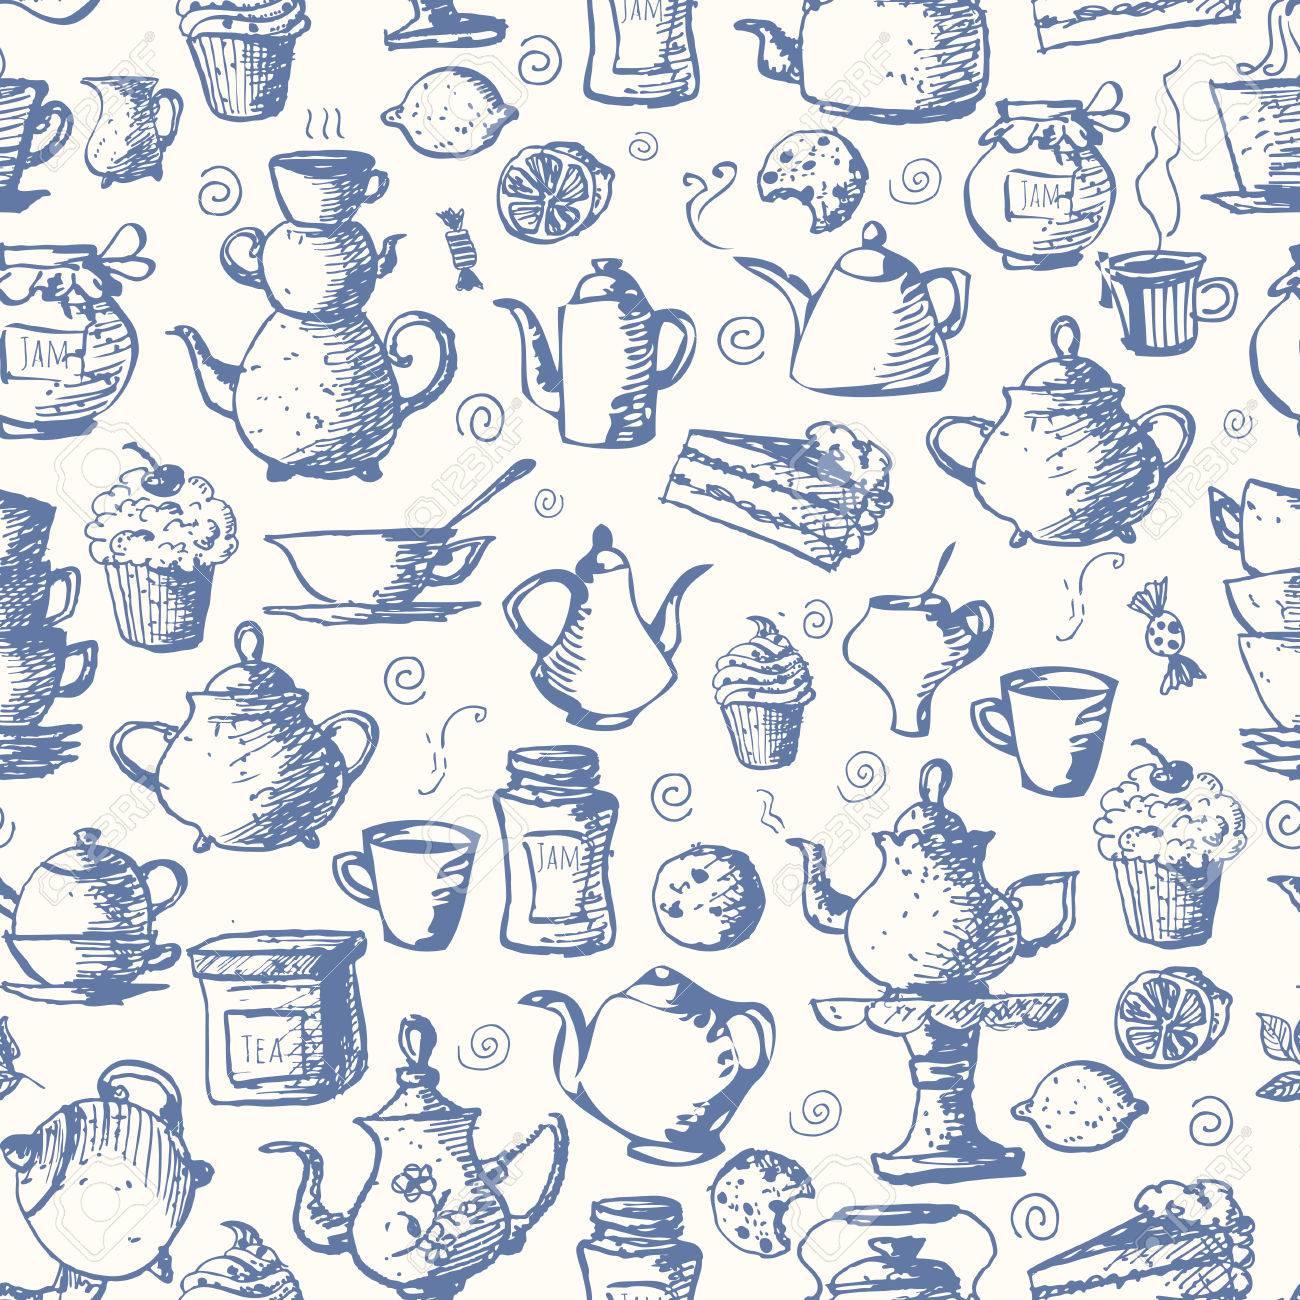 Schön Küche Tee Laden Vorlagen Ideen - Entry Level Resume Vorlagen ...